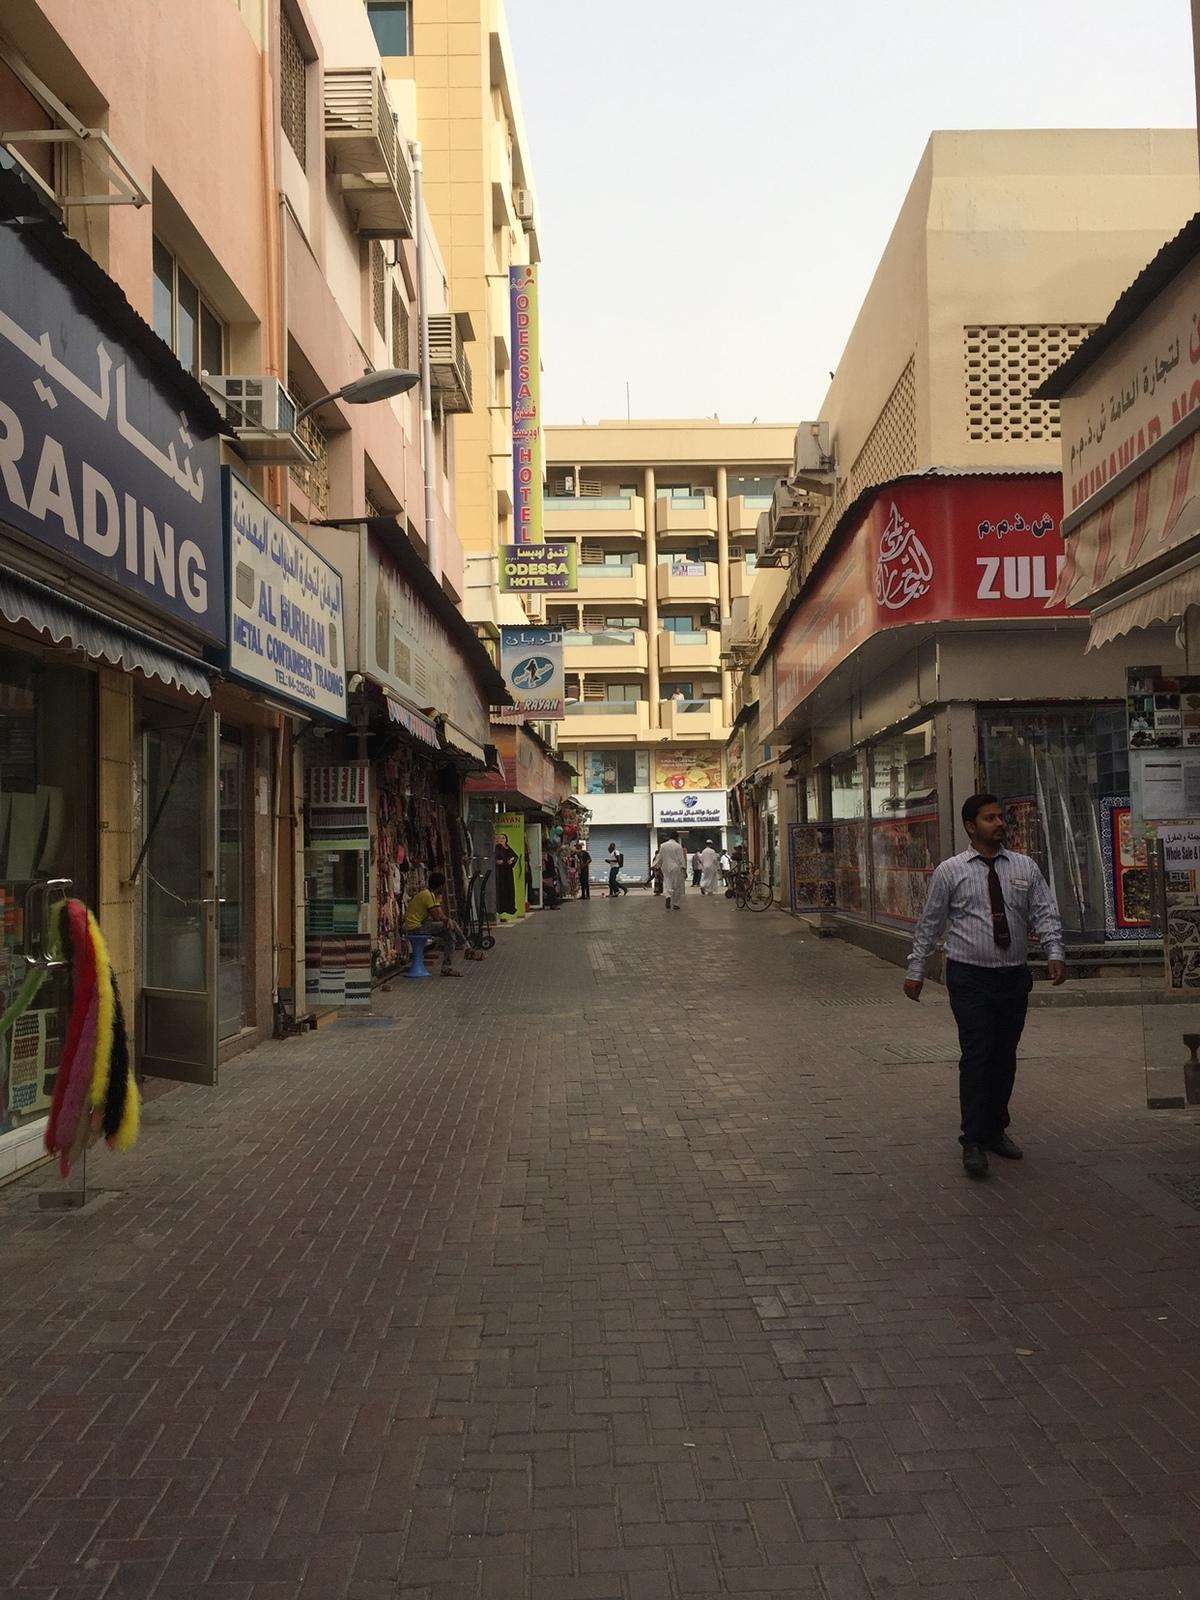 661656 المسافرون العرب دبي مدينة الجميرا